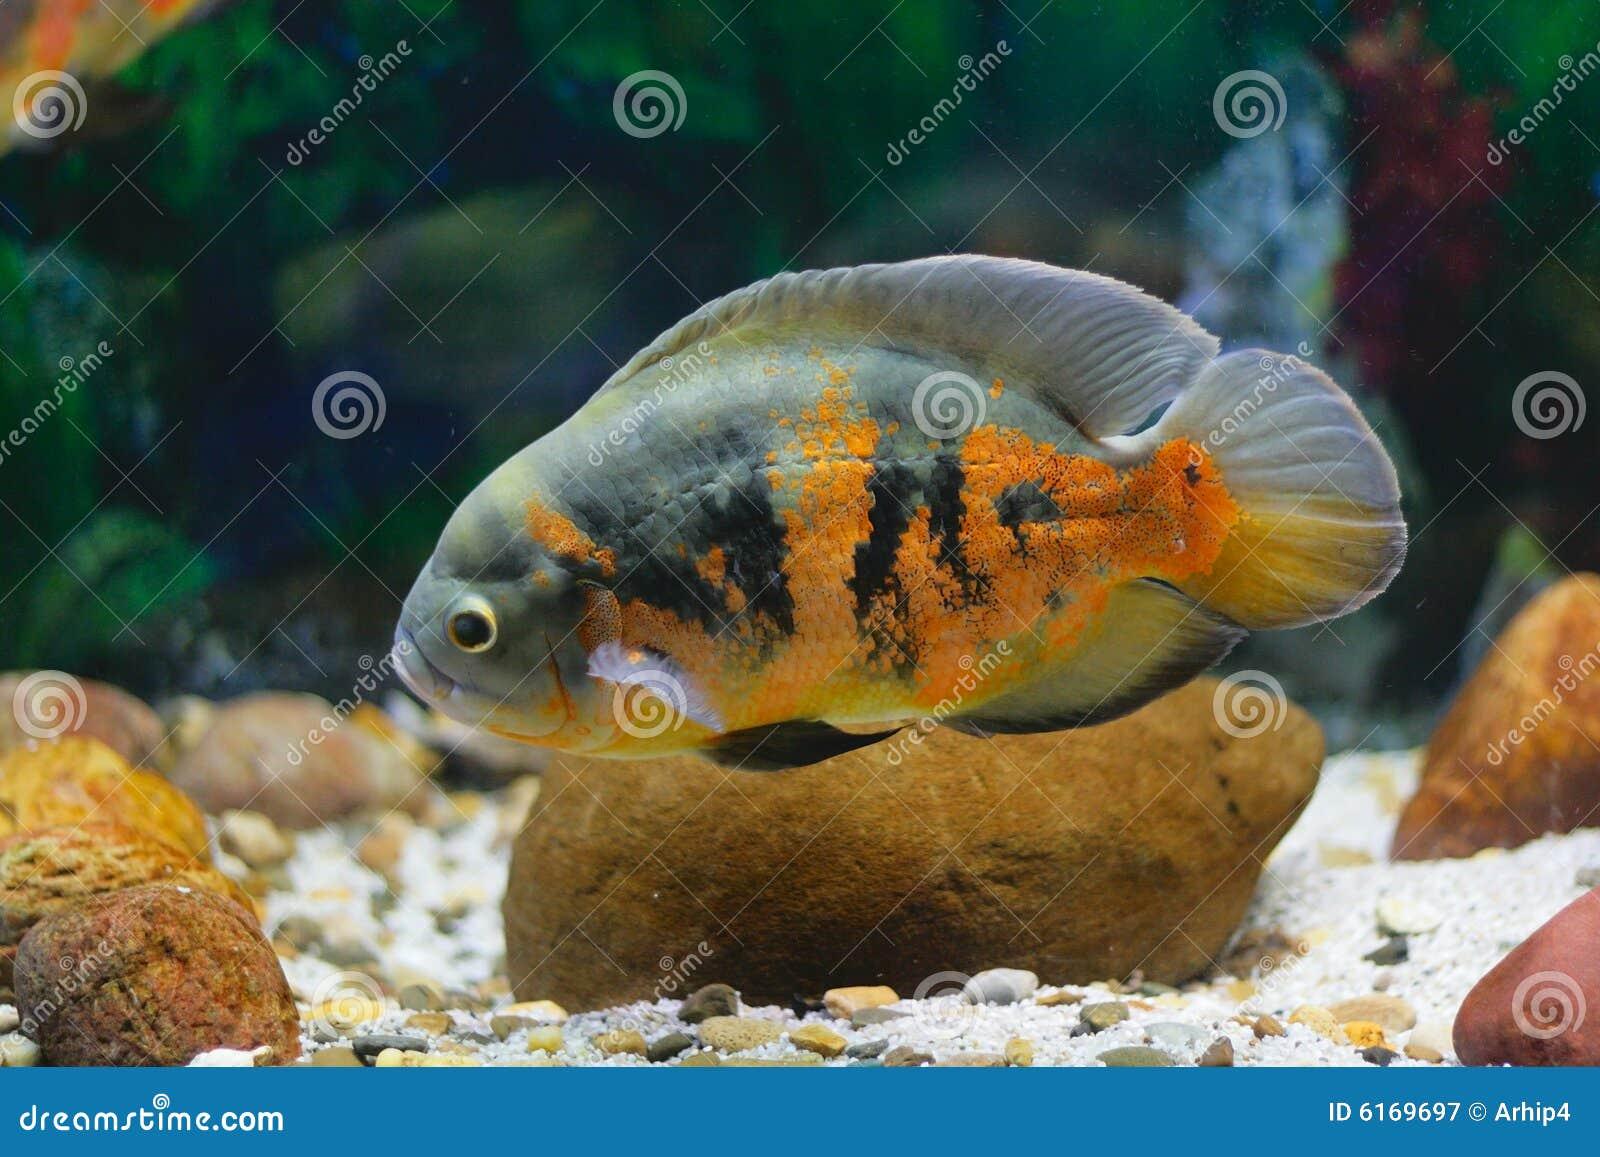 Fish in big aquarium - Big Tropical Fish In Aquarium